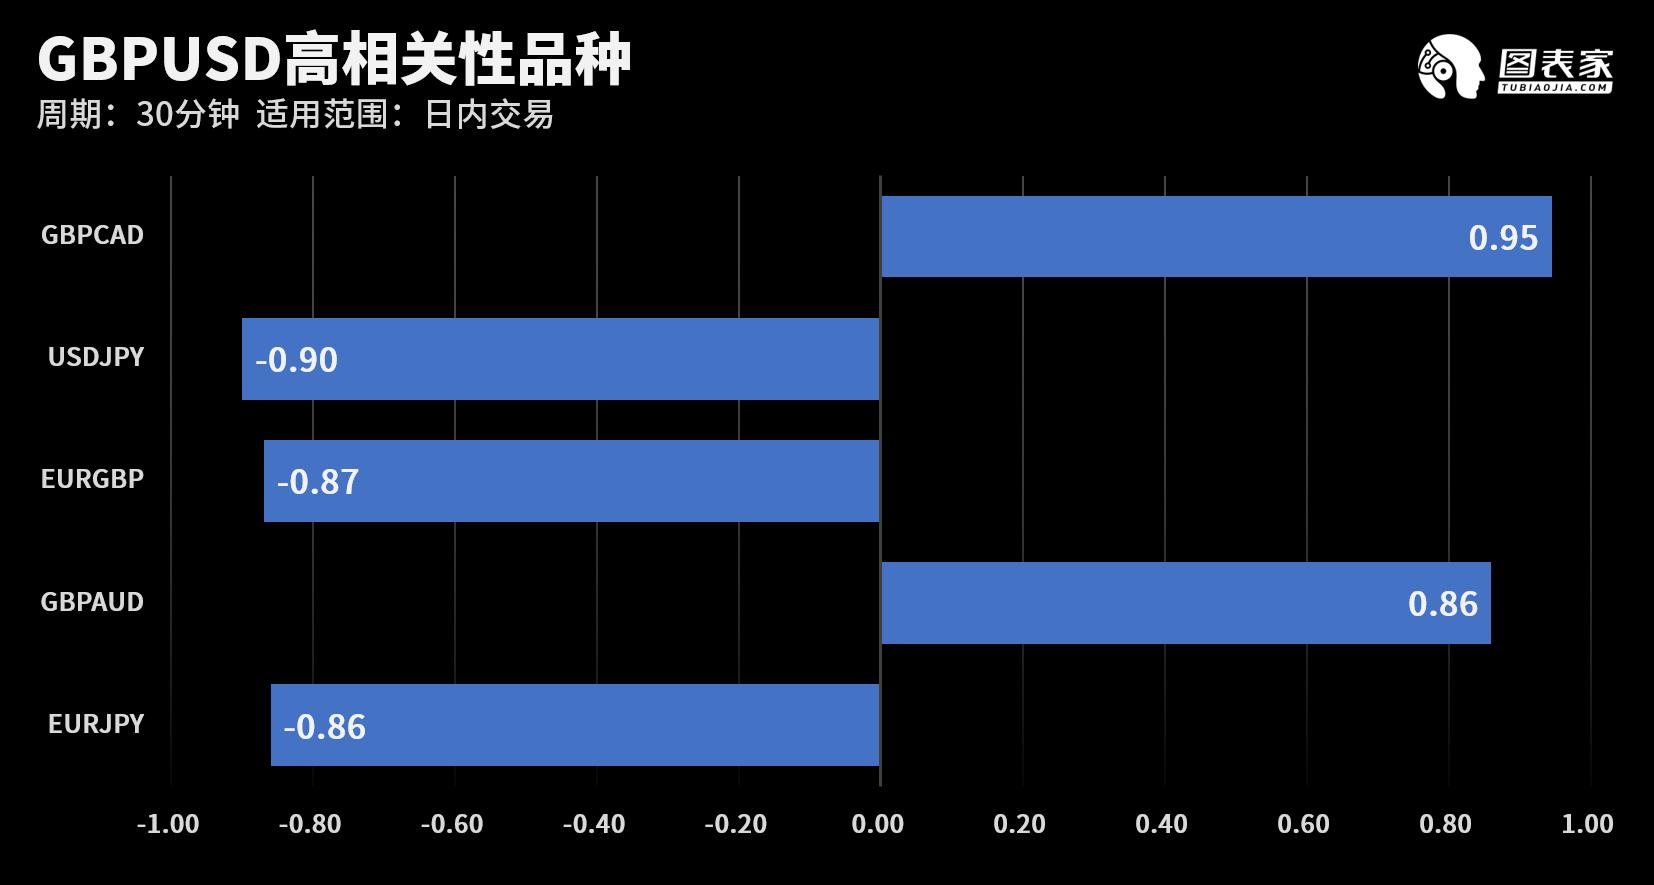 黄金原油喊单直播室技术图表:今日交易机会提醒(06月30日) 期货分析 第2张